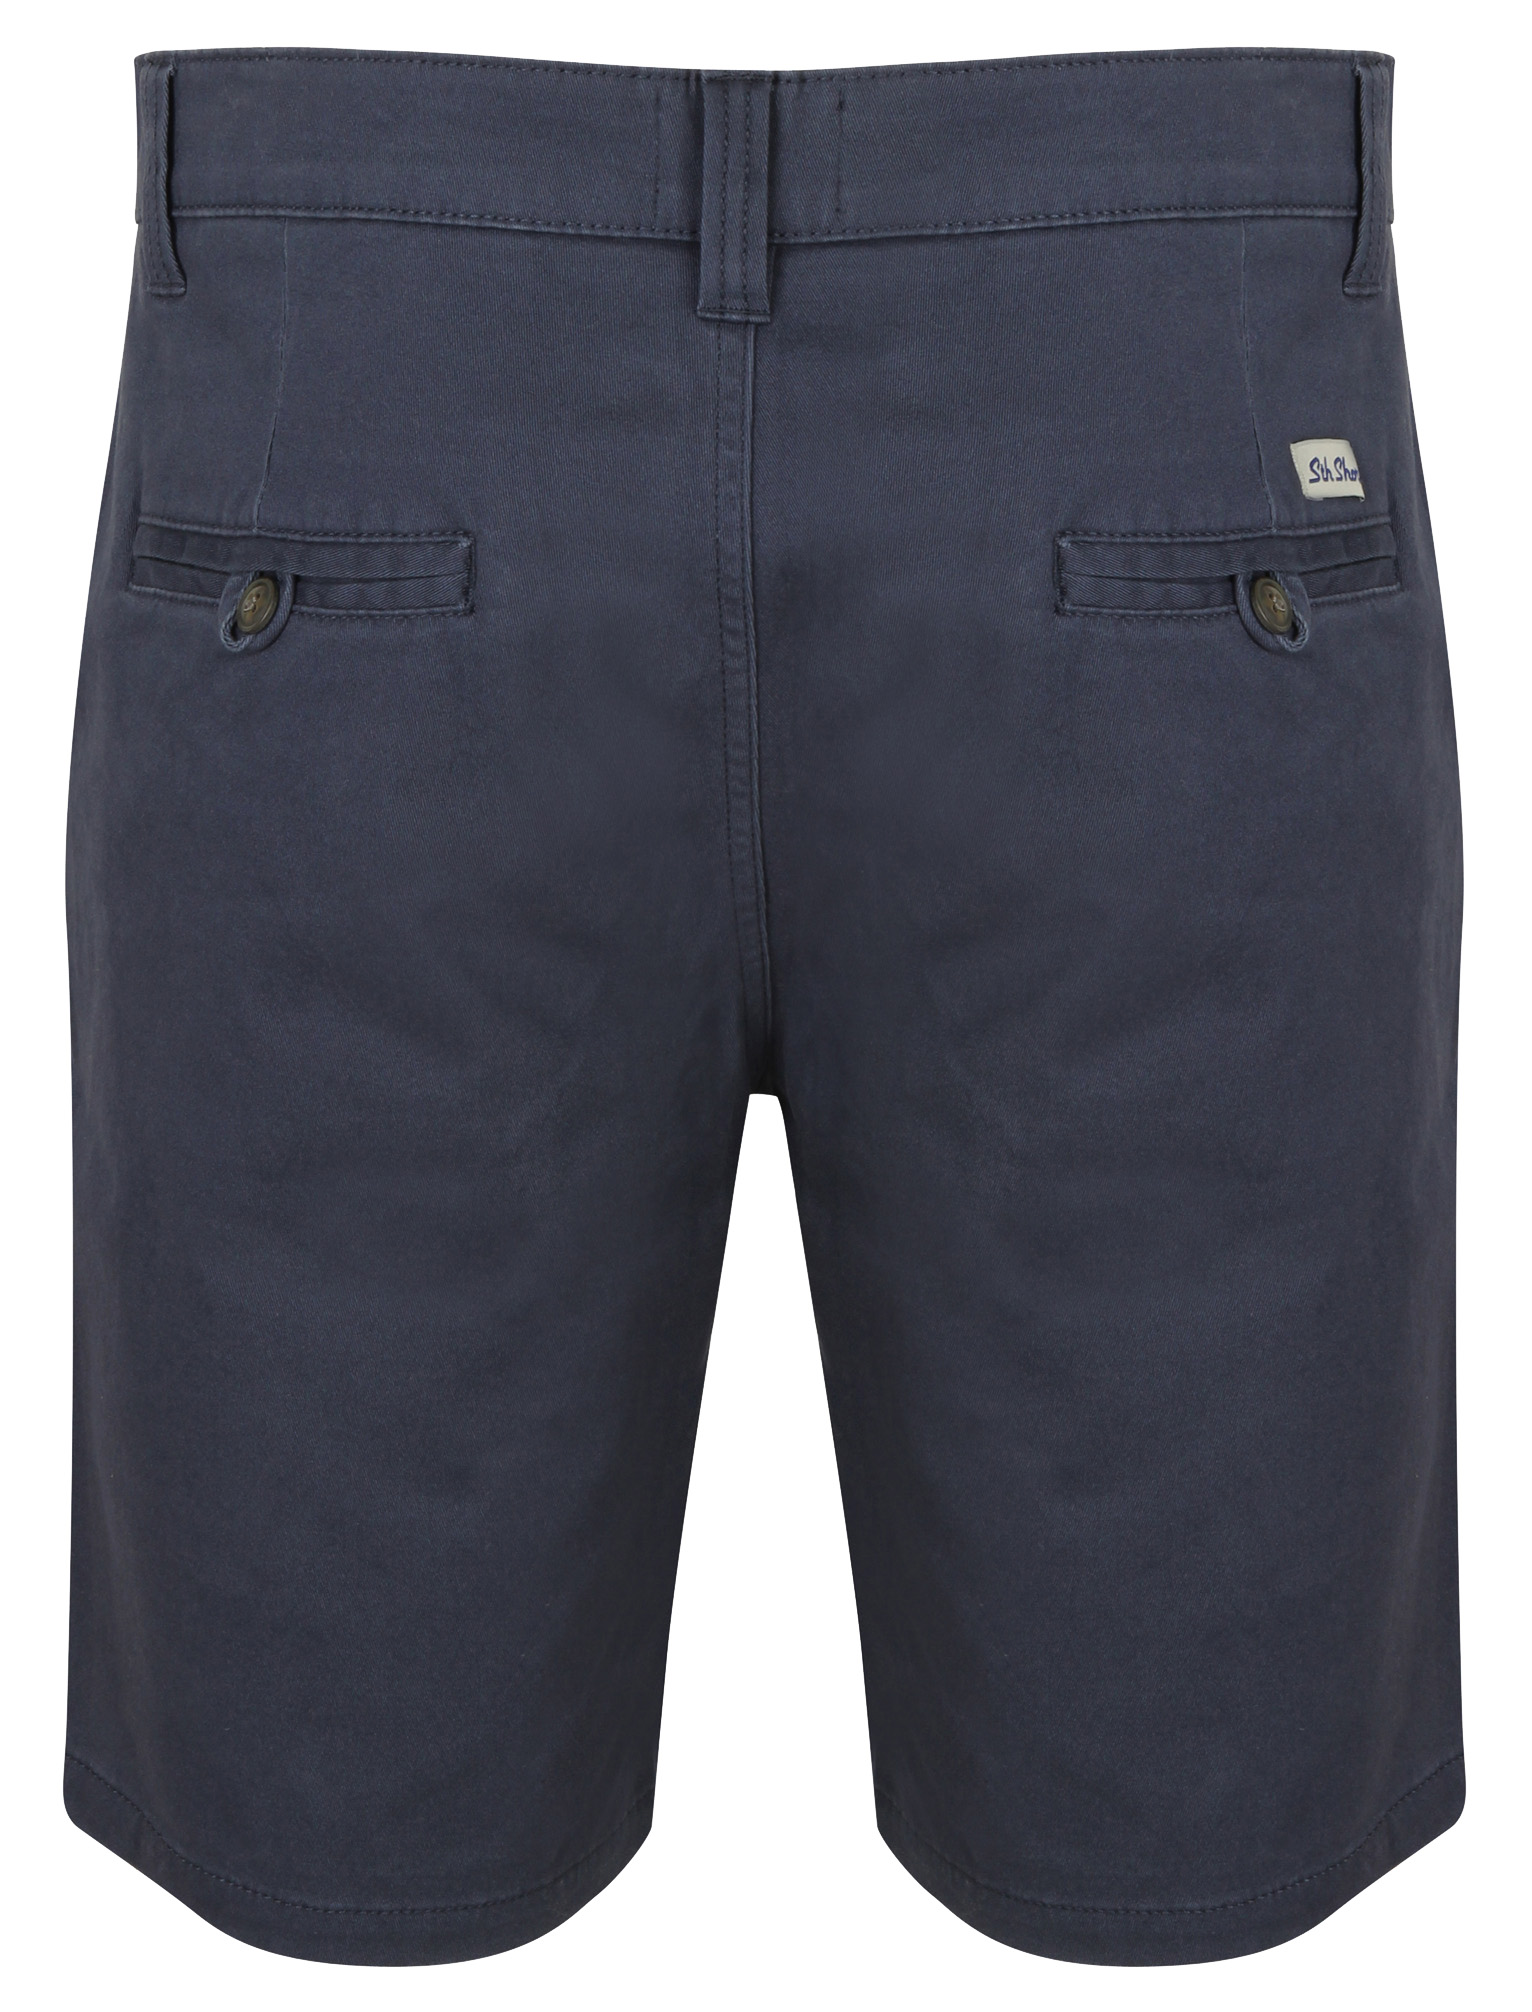 South-Shore-uomo-Scotch-Tinta-Unita-Cotone-Twill-Casual-Jeans-Corti-Chino-Taglia-S-XXL miniatura 7